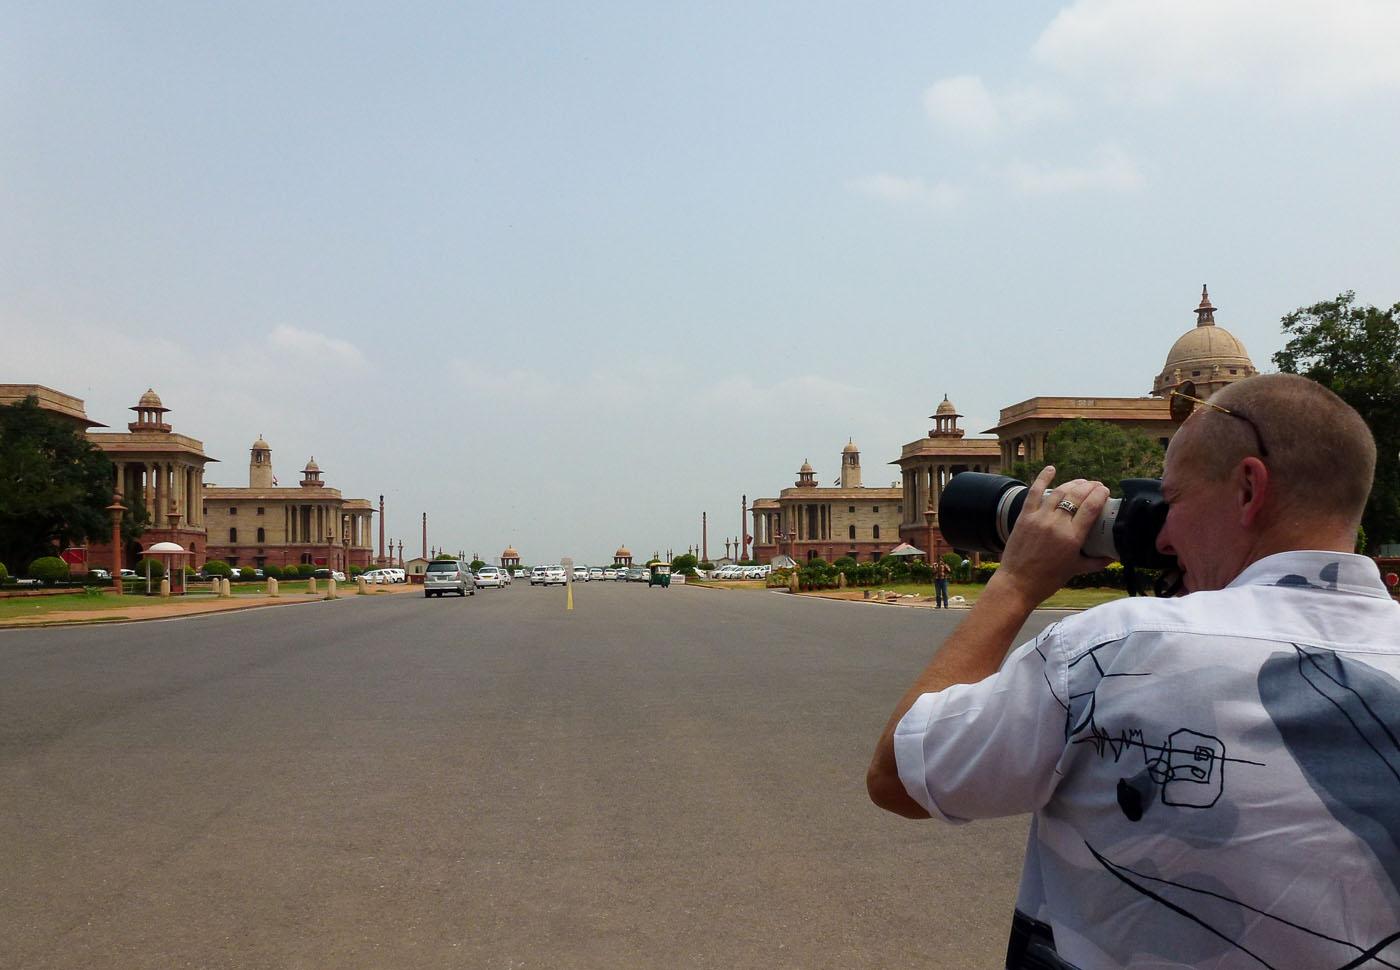 Фотография 8. Фотограф дорвался до достопримечательностей Индии. Отчет об экскурсии в Дели. Поездка по Золотому треугольнику.